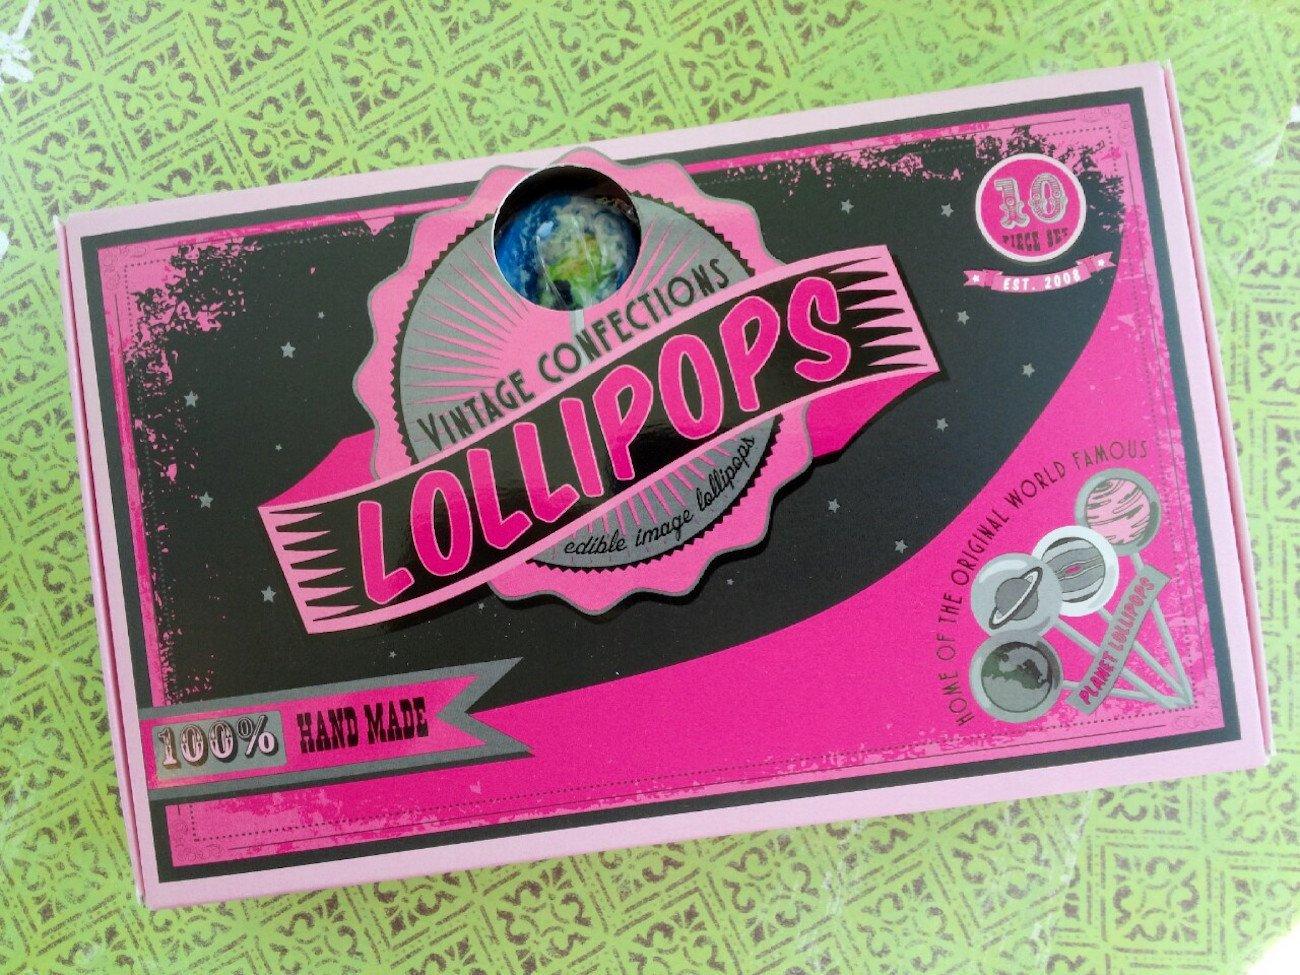 Planet Lollipops by Vintage Confections